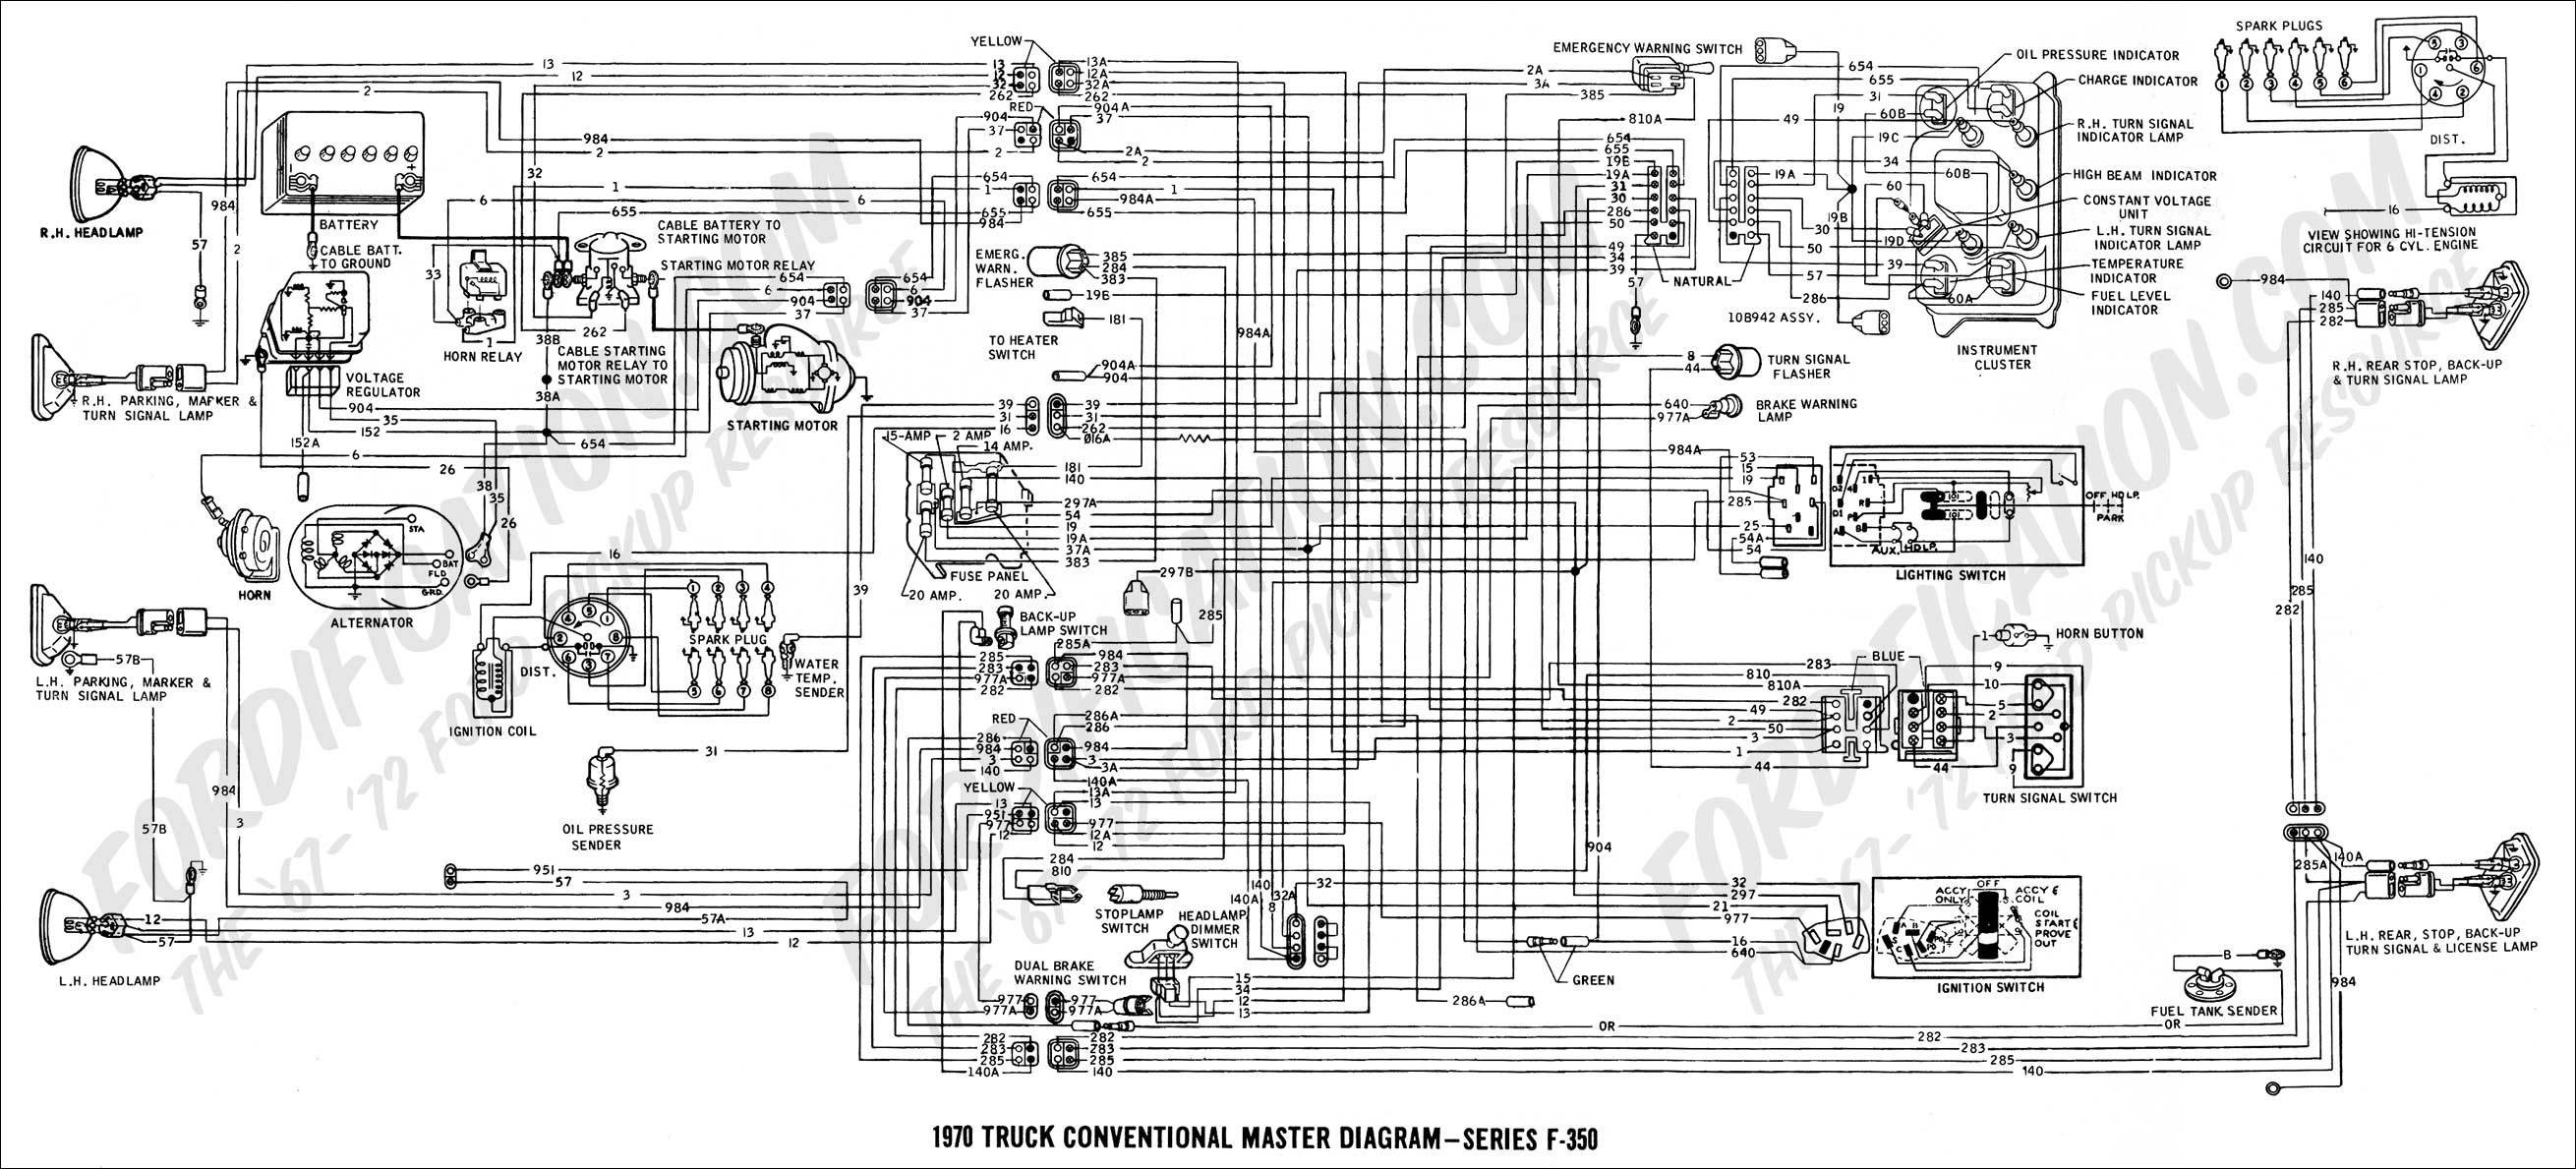 school bus air brake system diagram management unit diagrams besides rh  detoxicrecenze com 2018 Freightliner M2 Wiring Diagrams 2007 Freightliner  M2 Wiring- ...